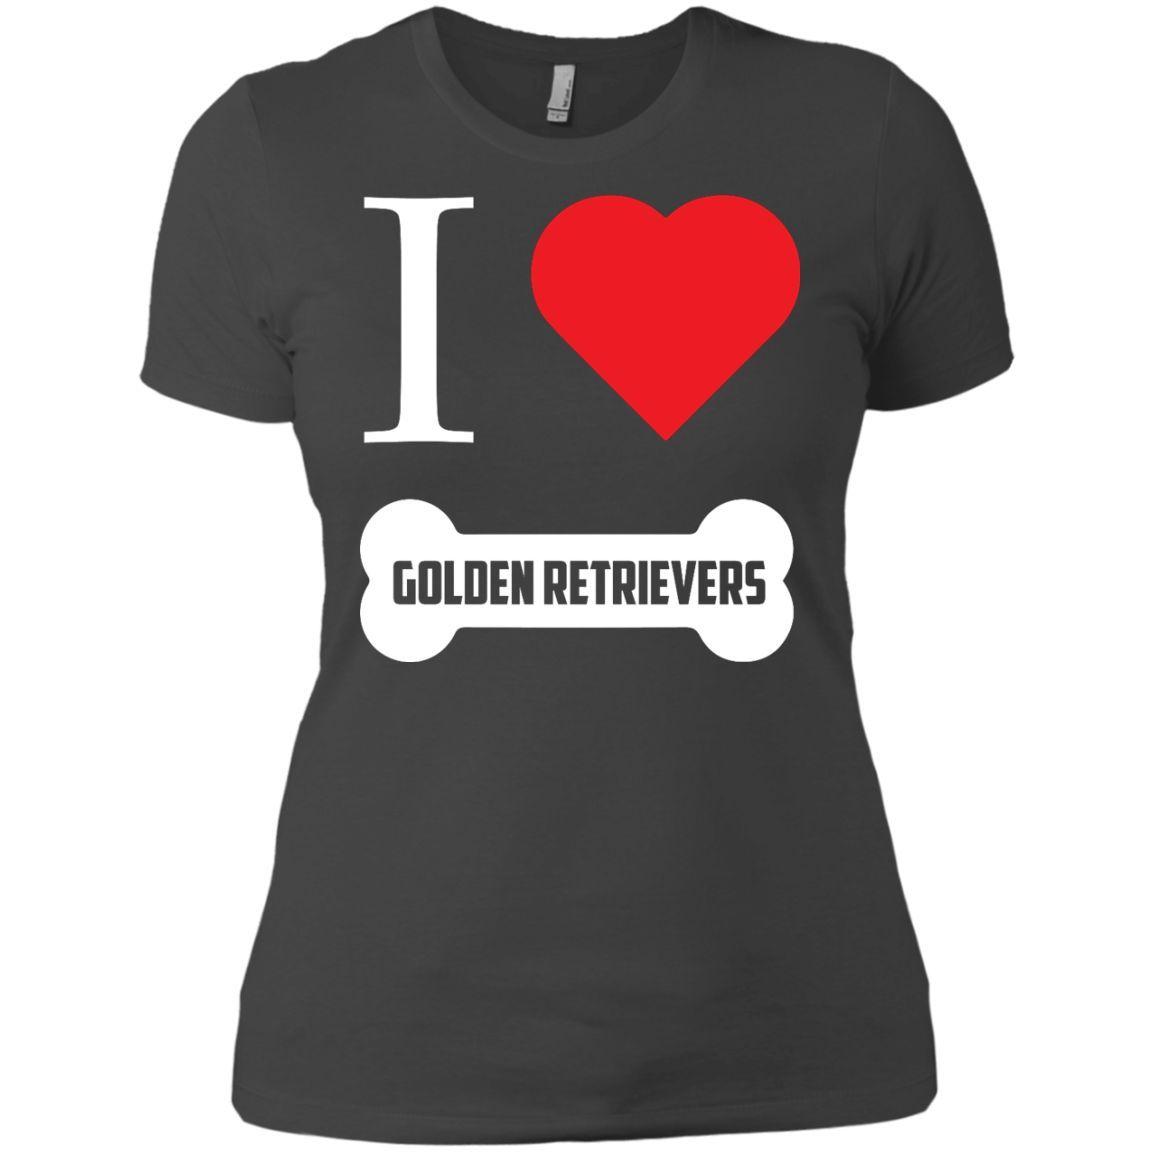 Golden Retriever- I LOVE MY GOLDEN RETRIEVER (BONE DESIGN) - Next Level Ladies' Boyfriend Tee